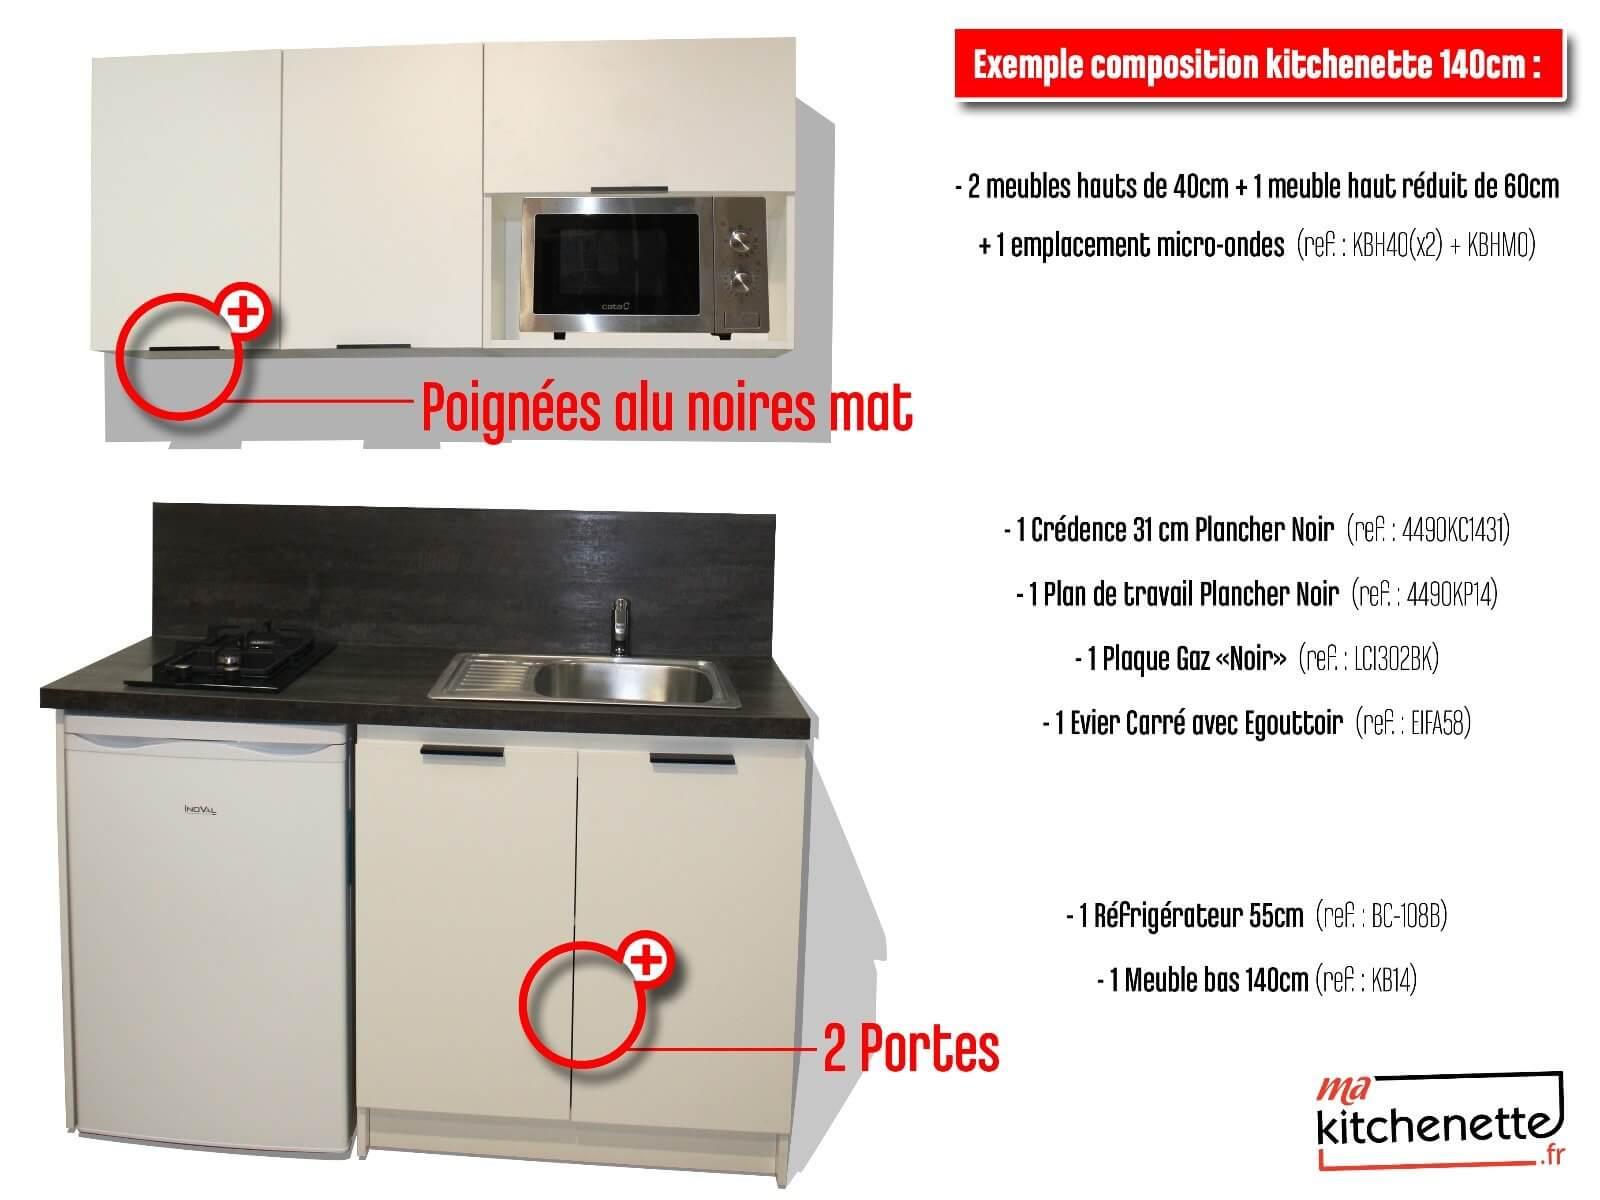 Kitchenette 140cm